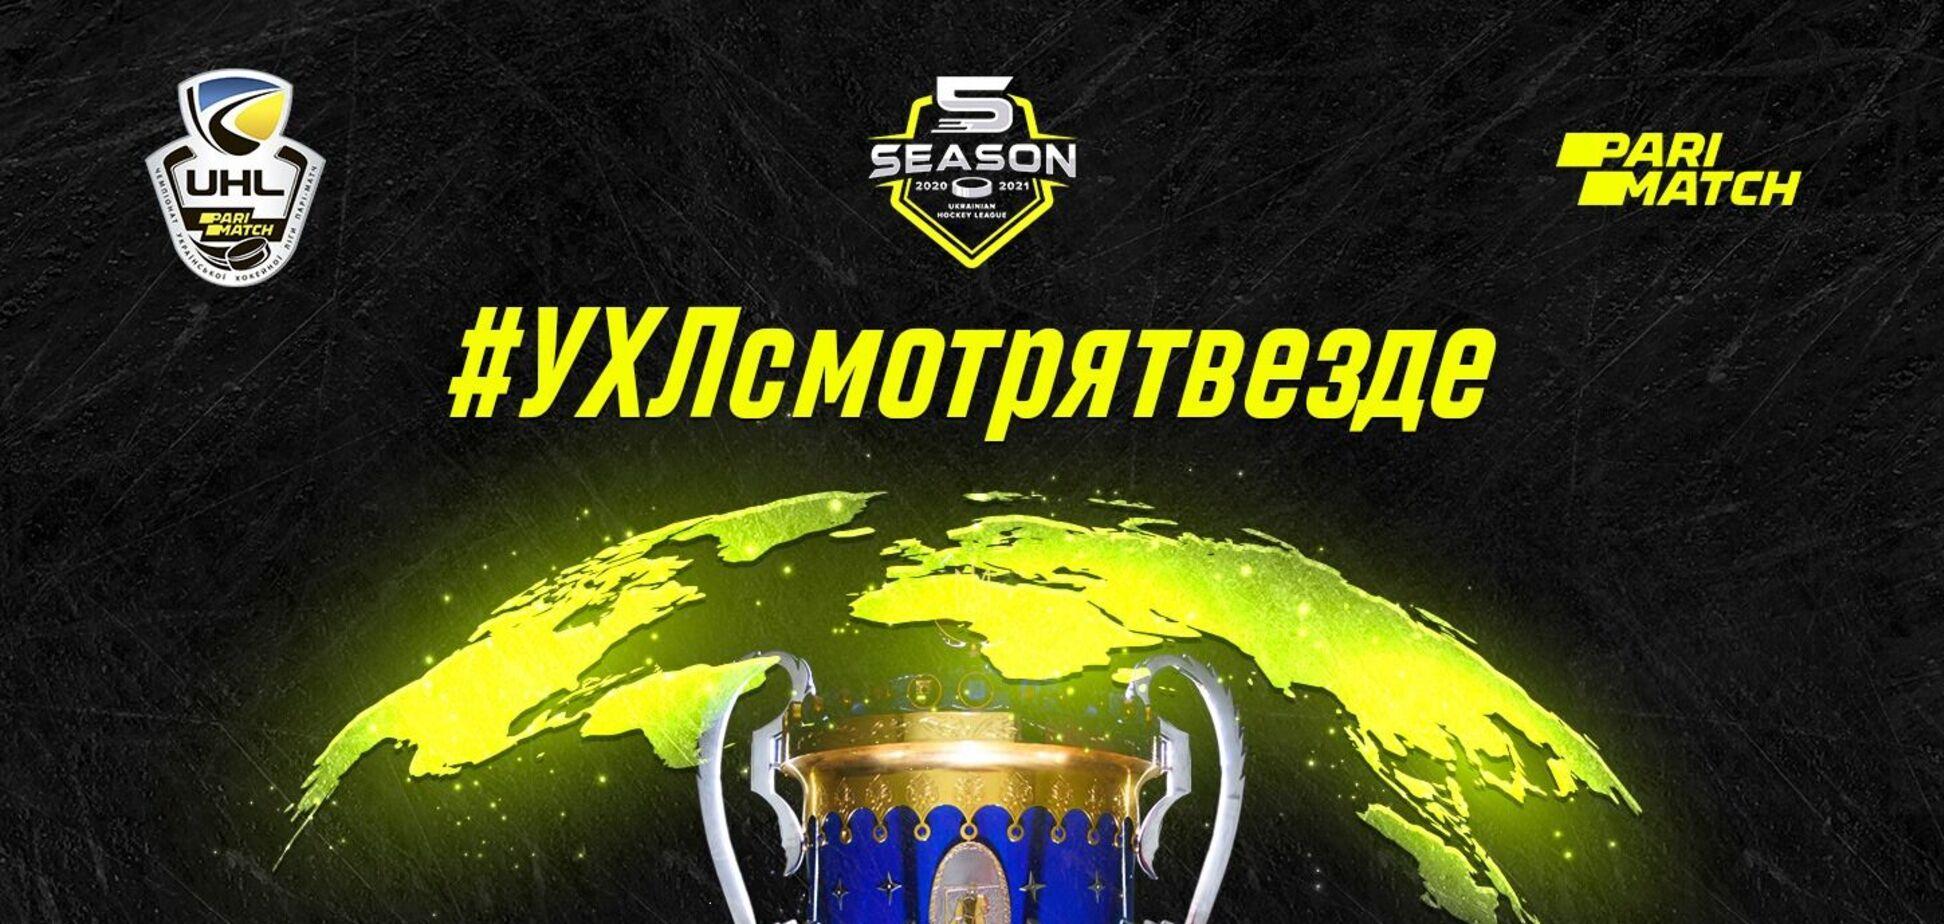 Плей-оф чемпіонату УХЛ Паріматч дивилися в 23 країнах по всьому світу